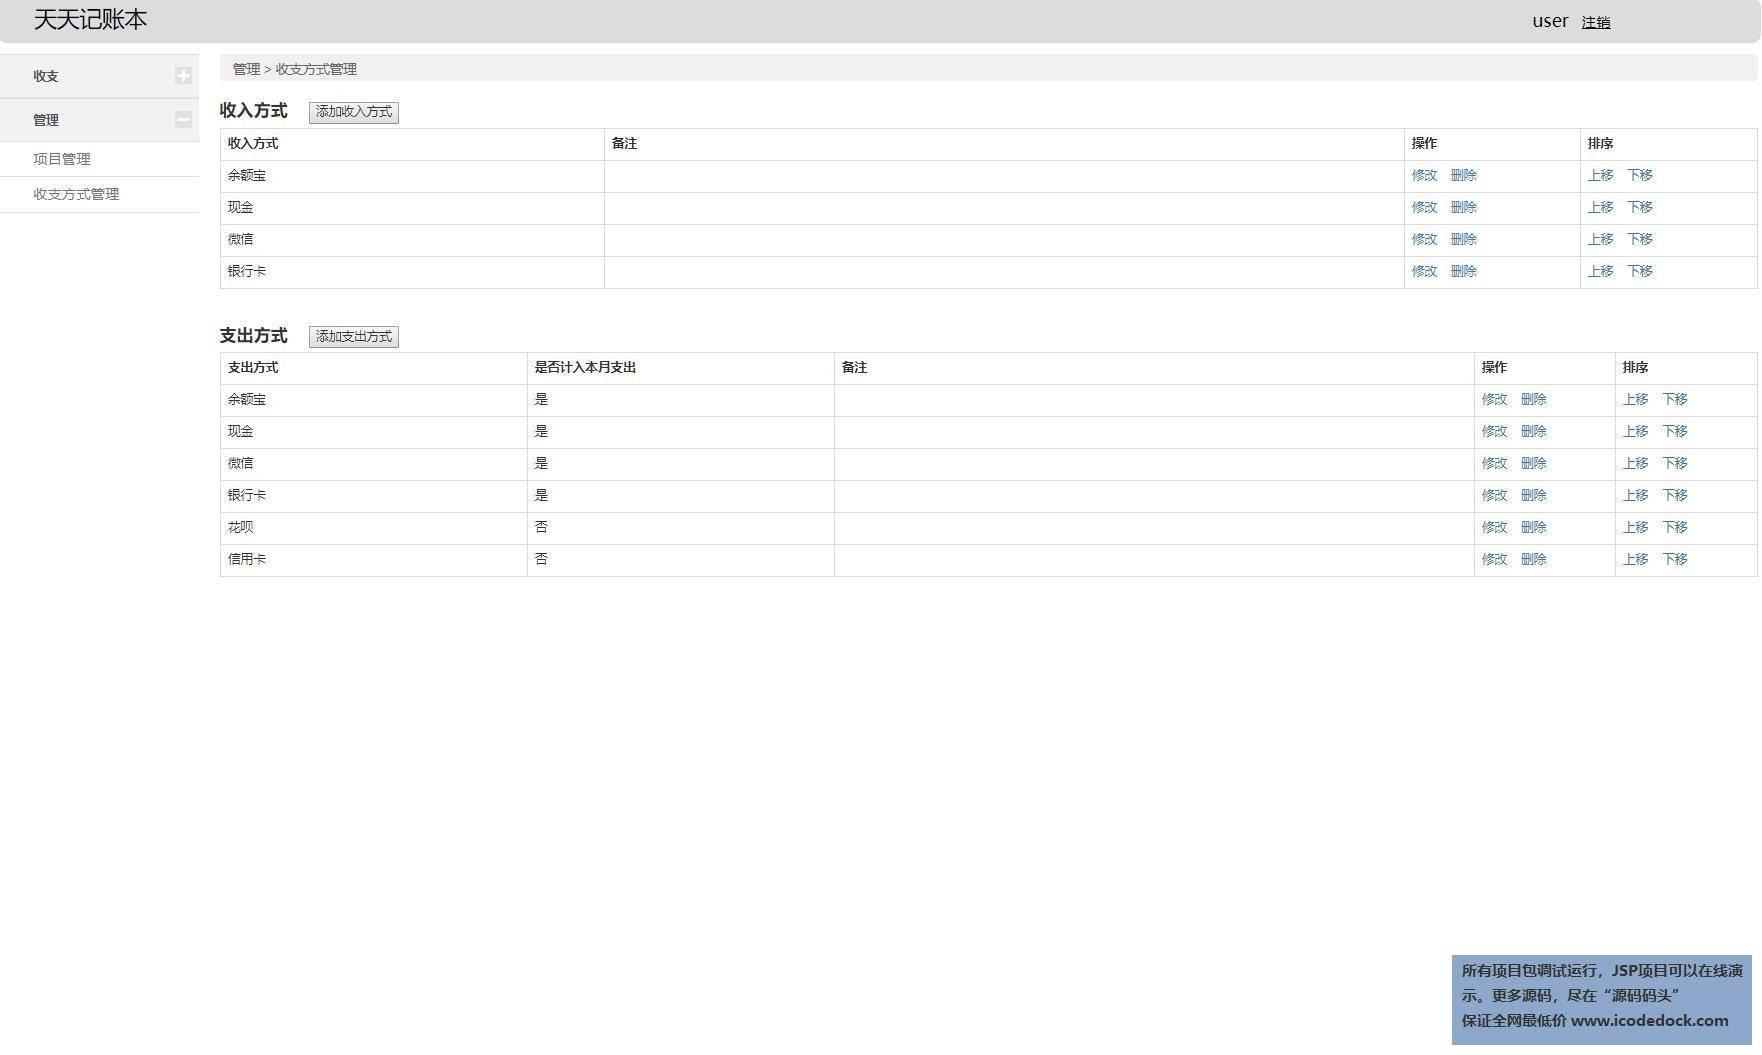 源码码头-SSM个人记账本-用户角色-收支方式管理